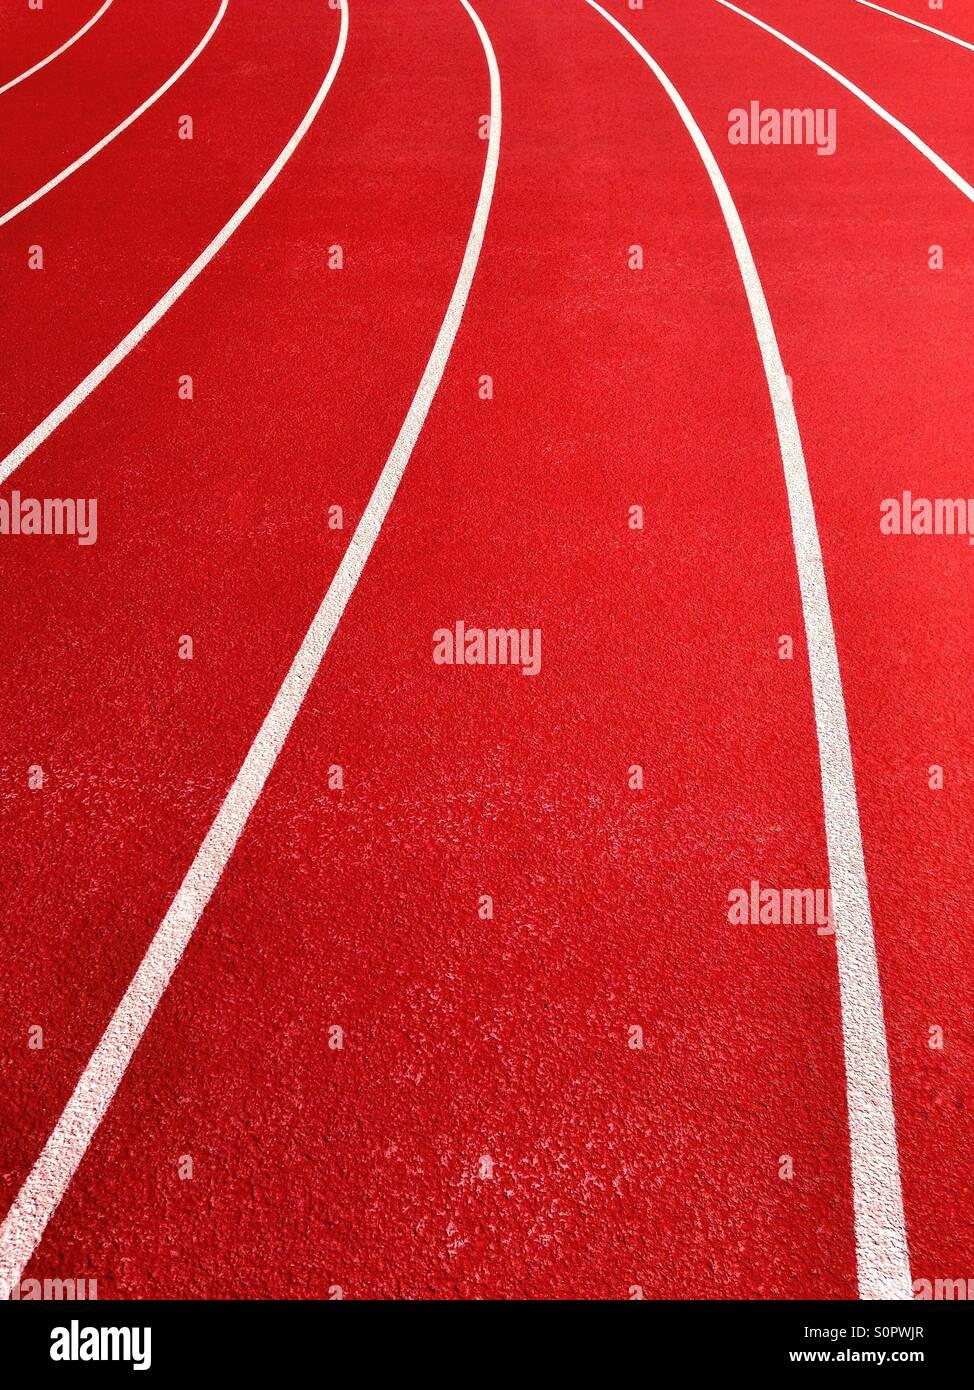 Carriles en pista de atletismo Imagen De Stock